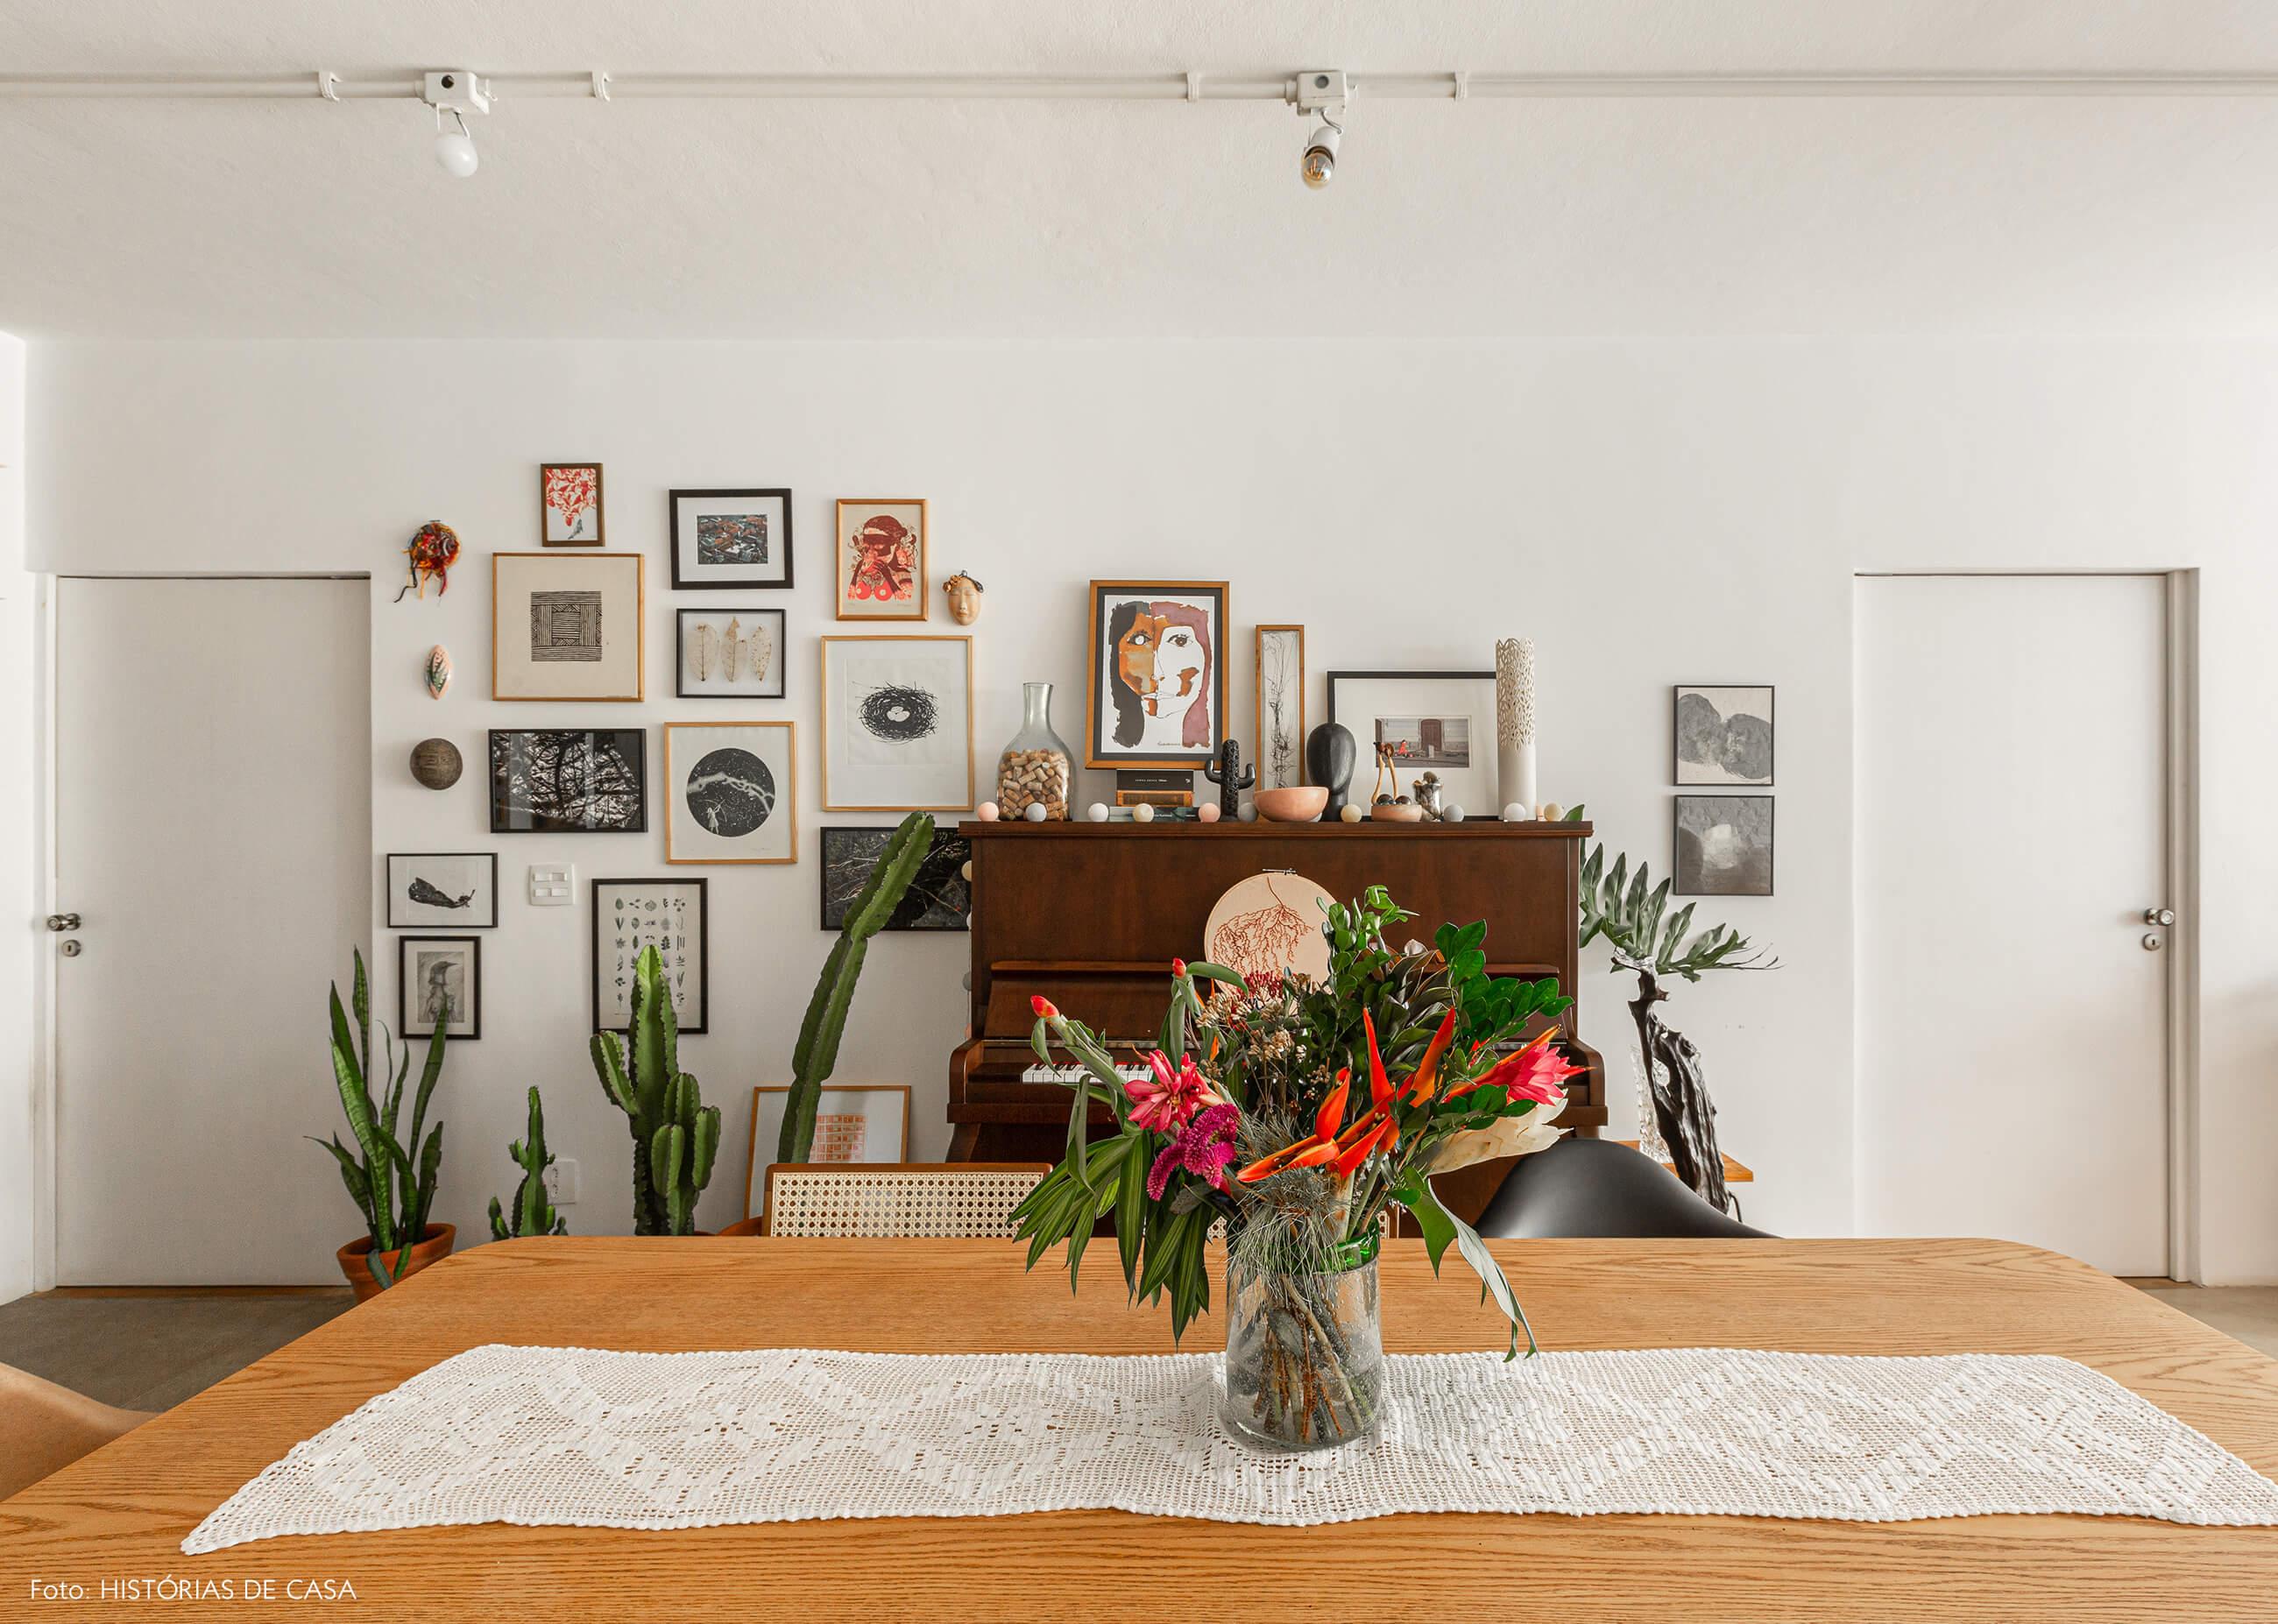 Apartamento térreo, sala de jantar com piano e muitos quadros